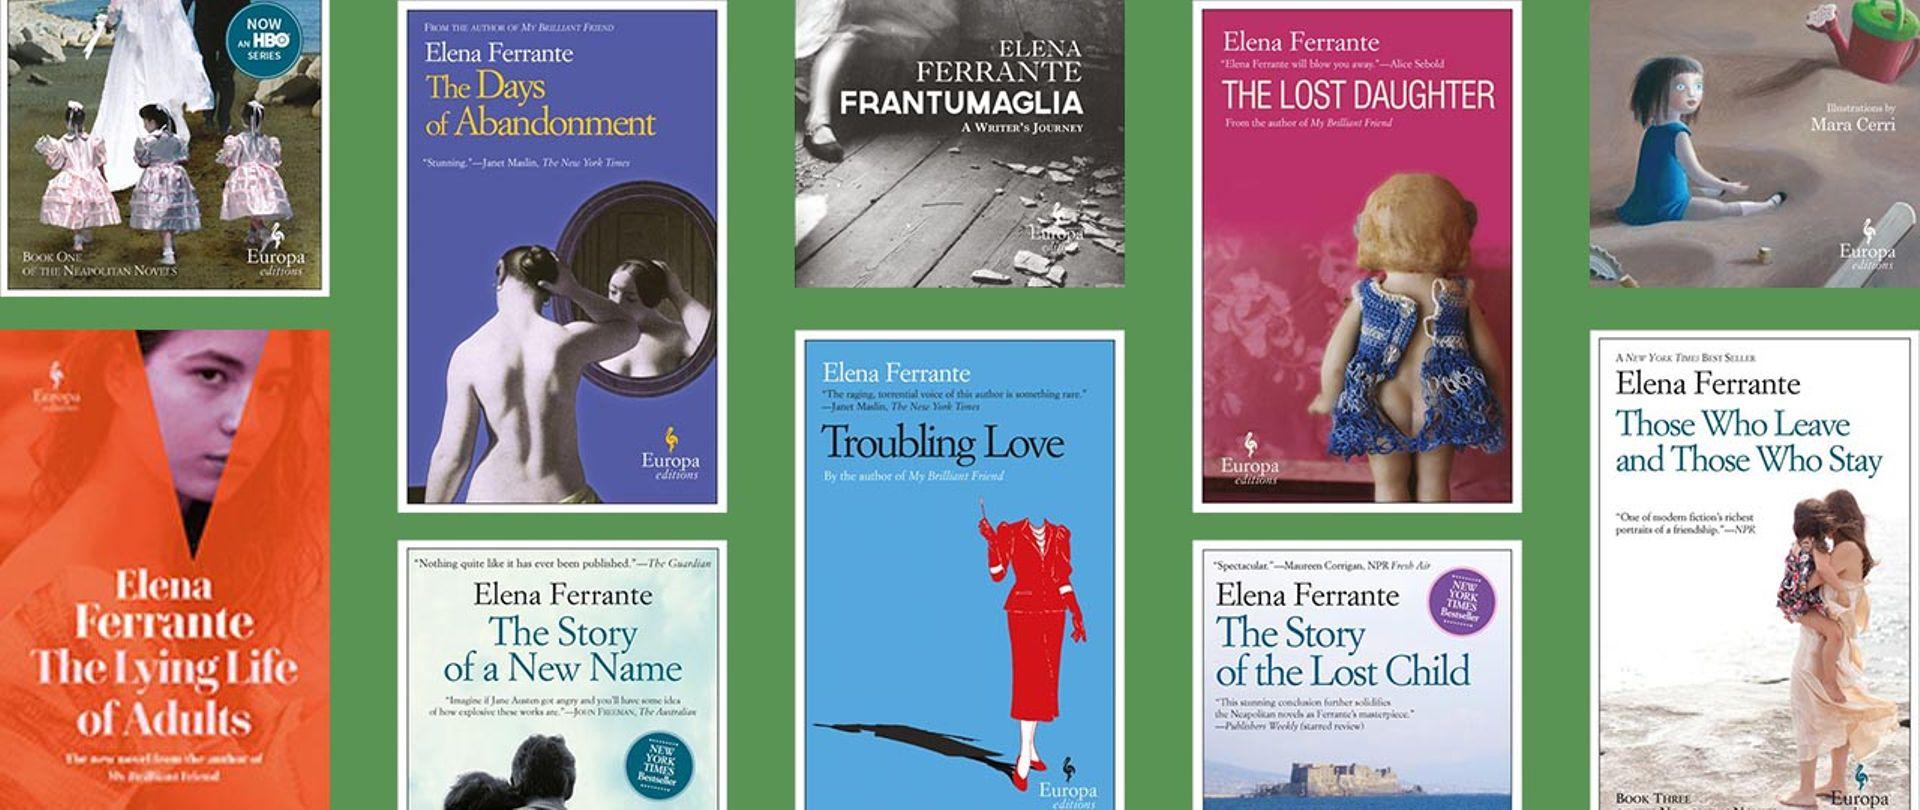 10 Elena Ferrante Books A Complete Guide